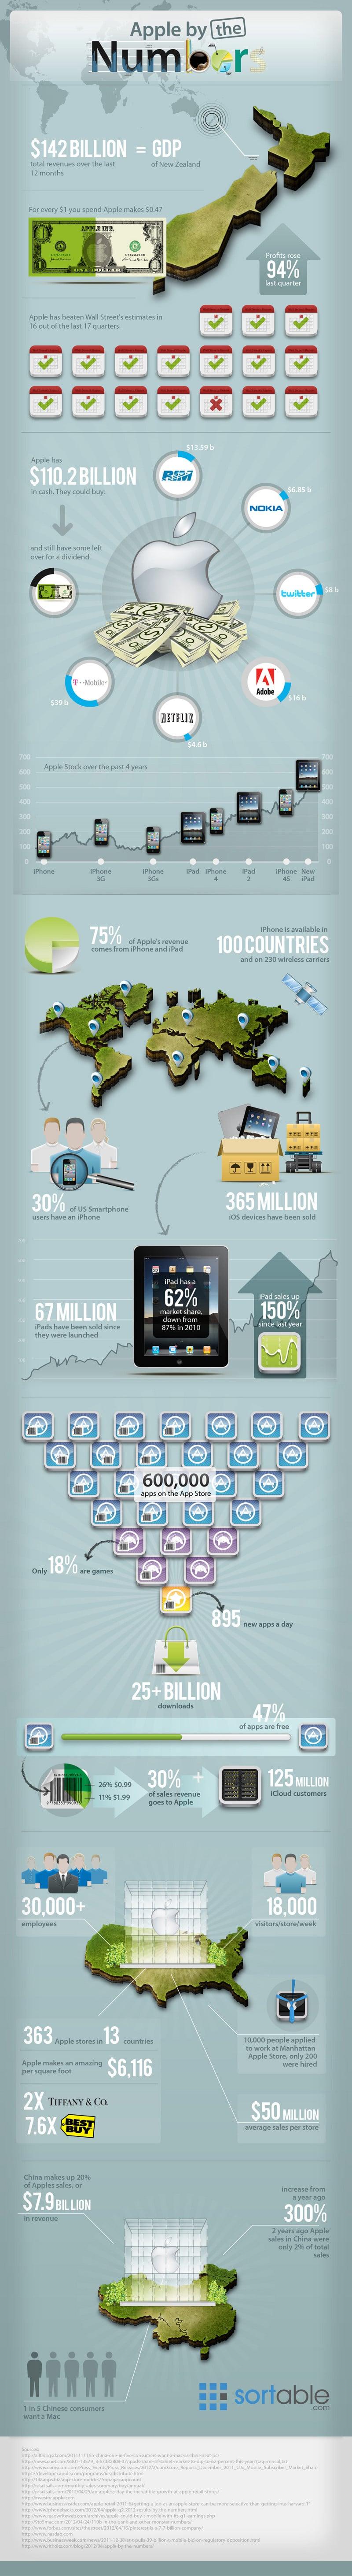 Infografía de las cifras de Apple